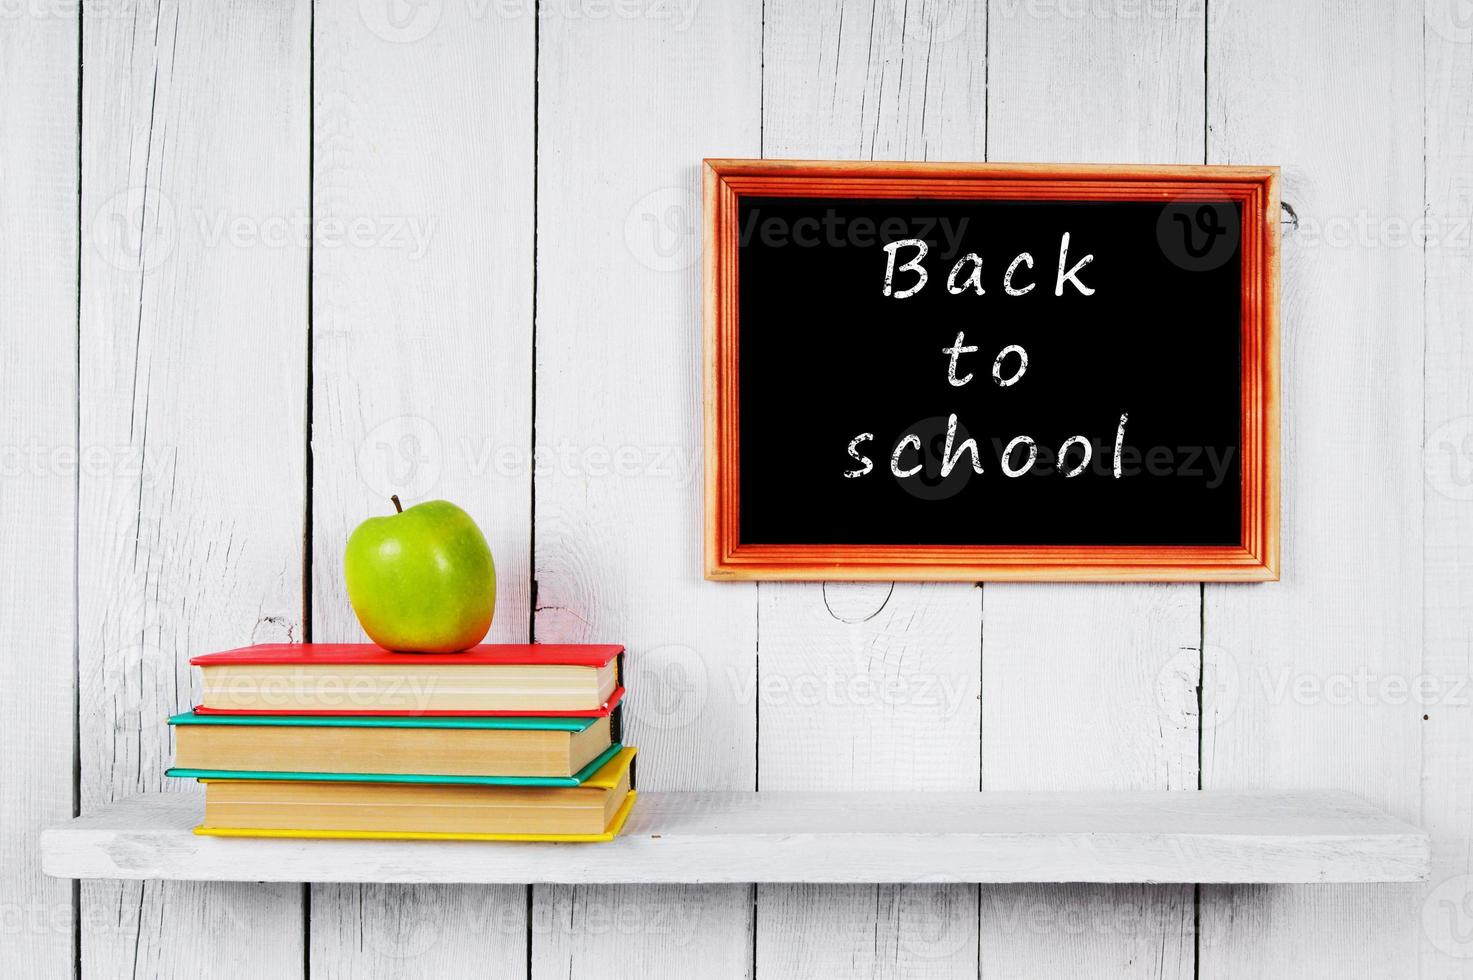 tillbaka till skolan. böcker och ett äpple. foto